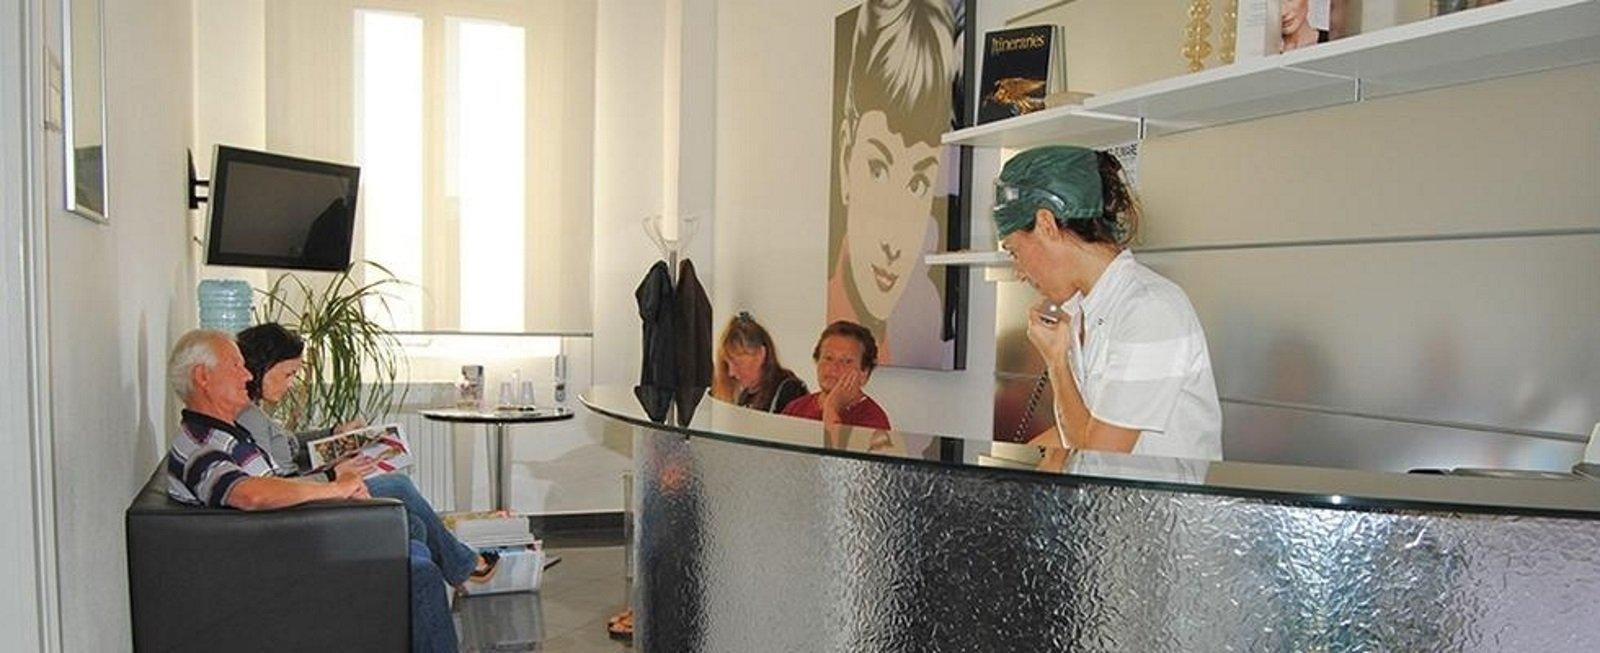 una reception e delle persone in sala d'attesa